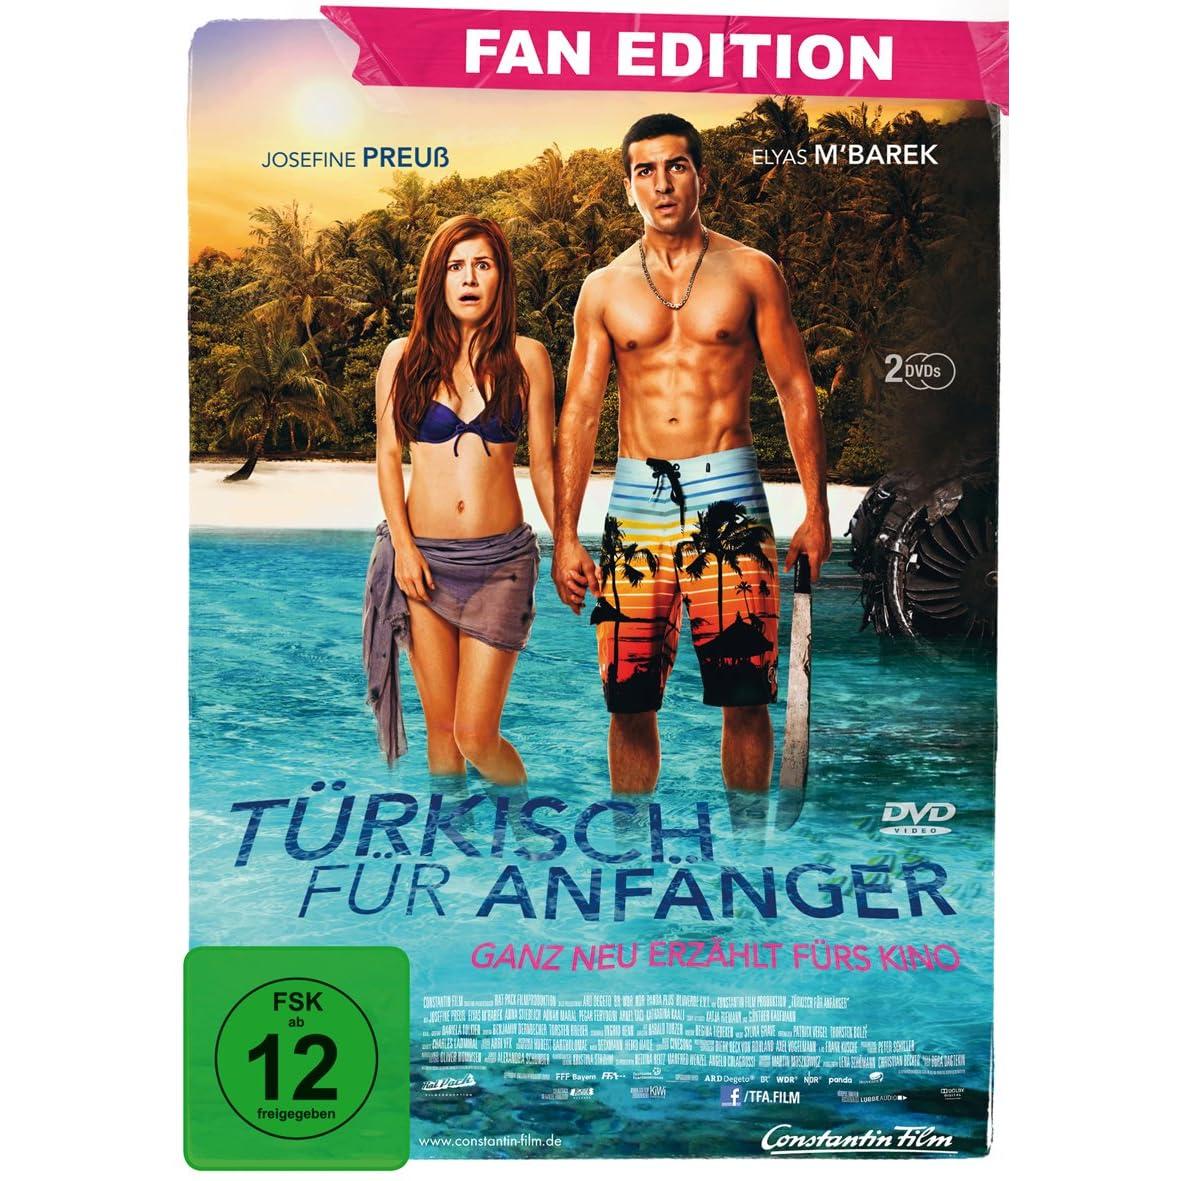 Türkisch für Anfänger, DVD, Fan Edition, ca. 19 Euro